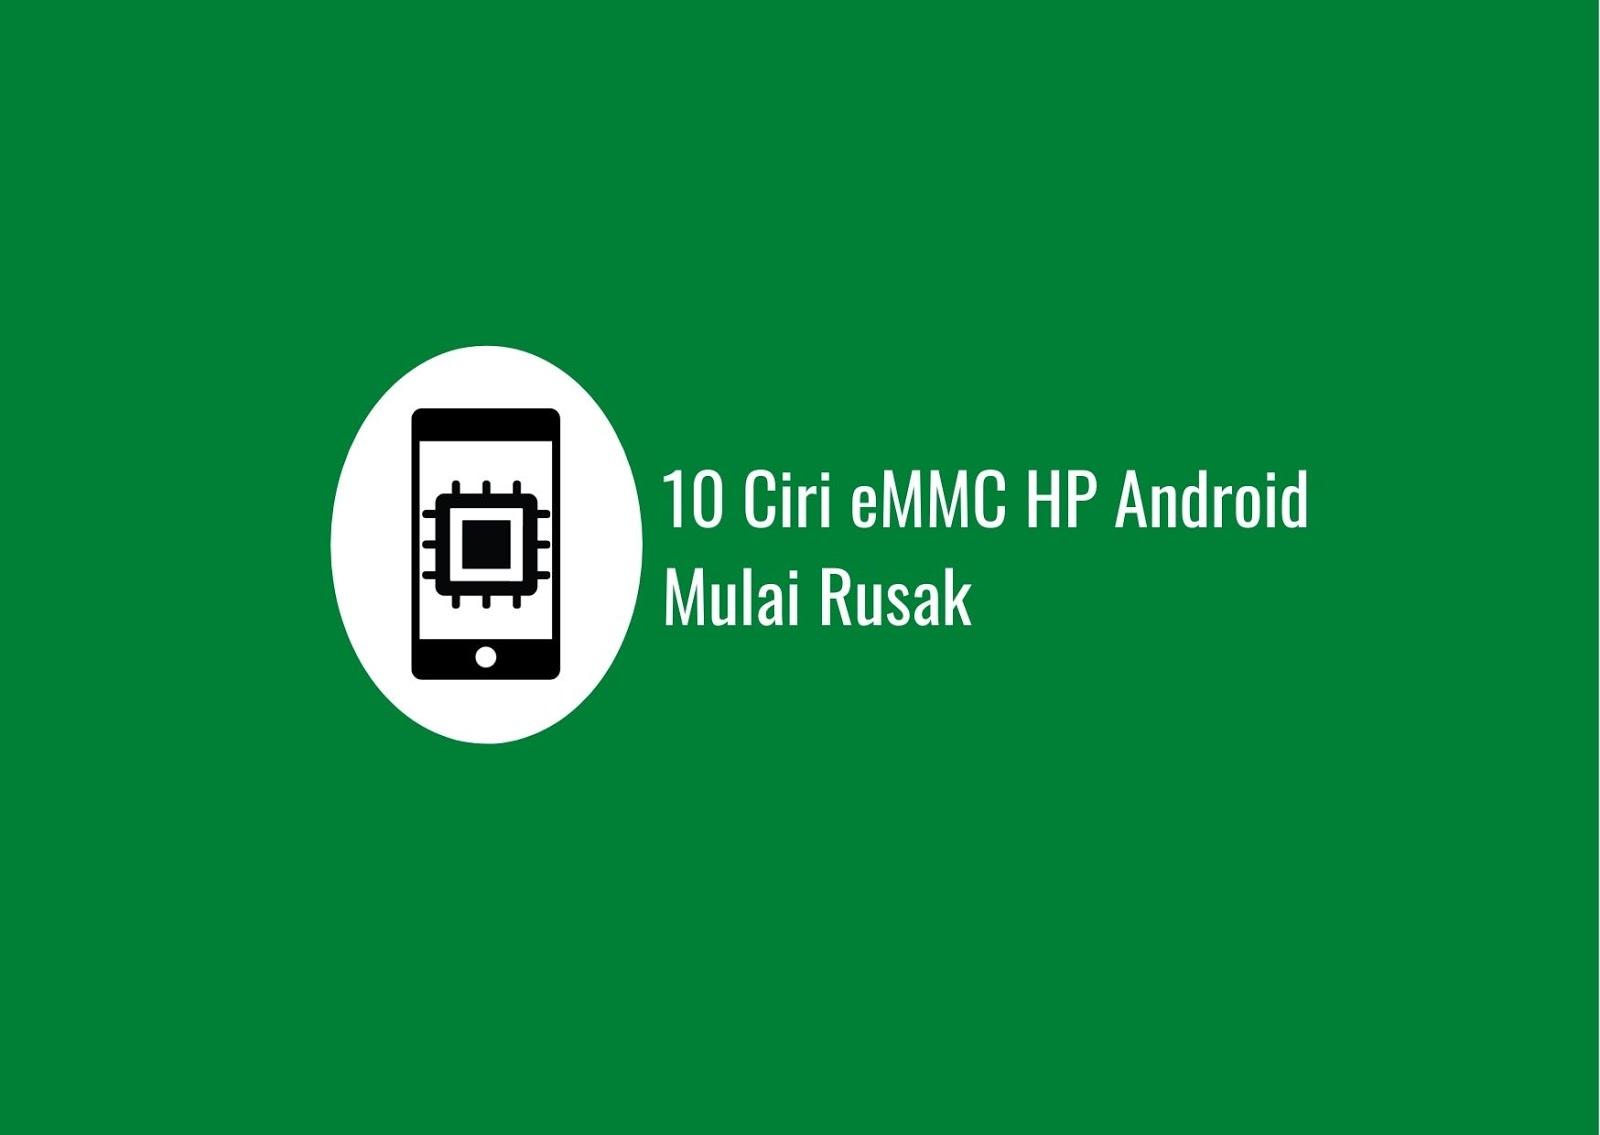 10 Ciri eMMC HP Android Mulai Rusak